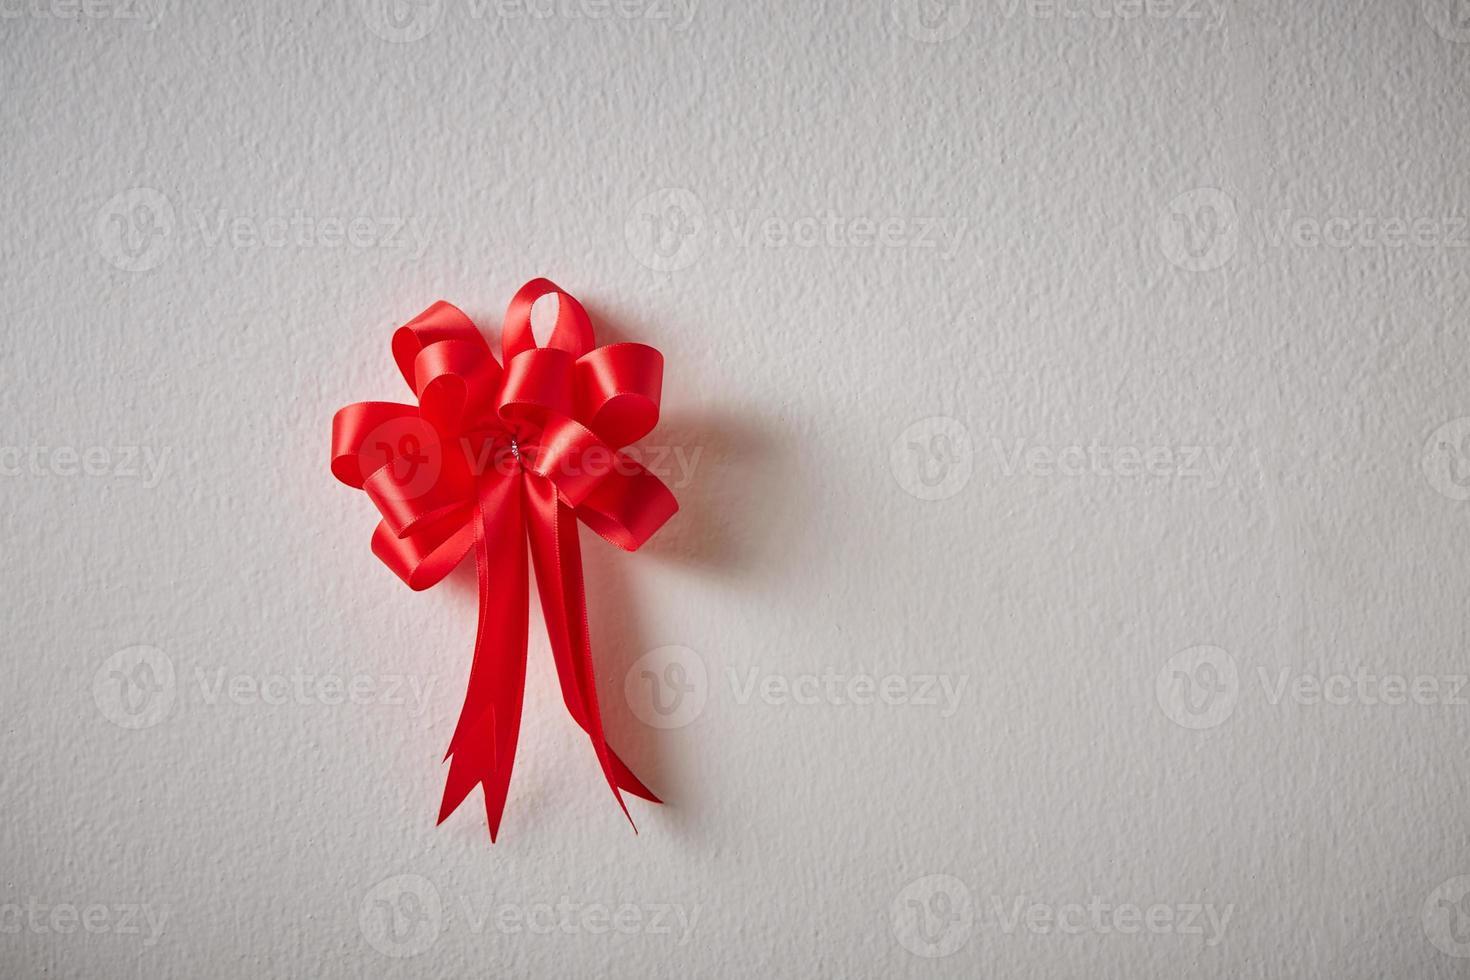 fita vermelha em uma parede de textura branca foto